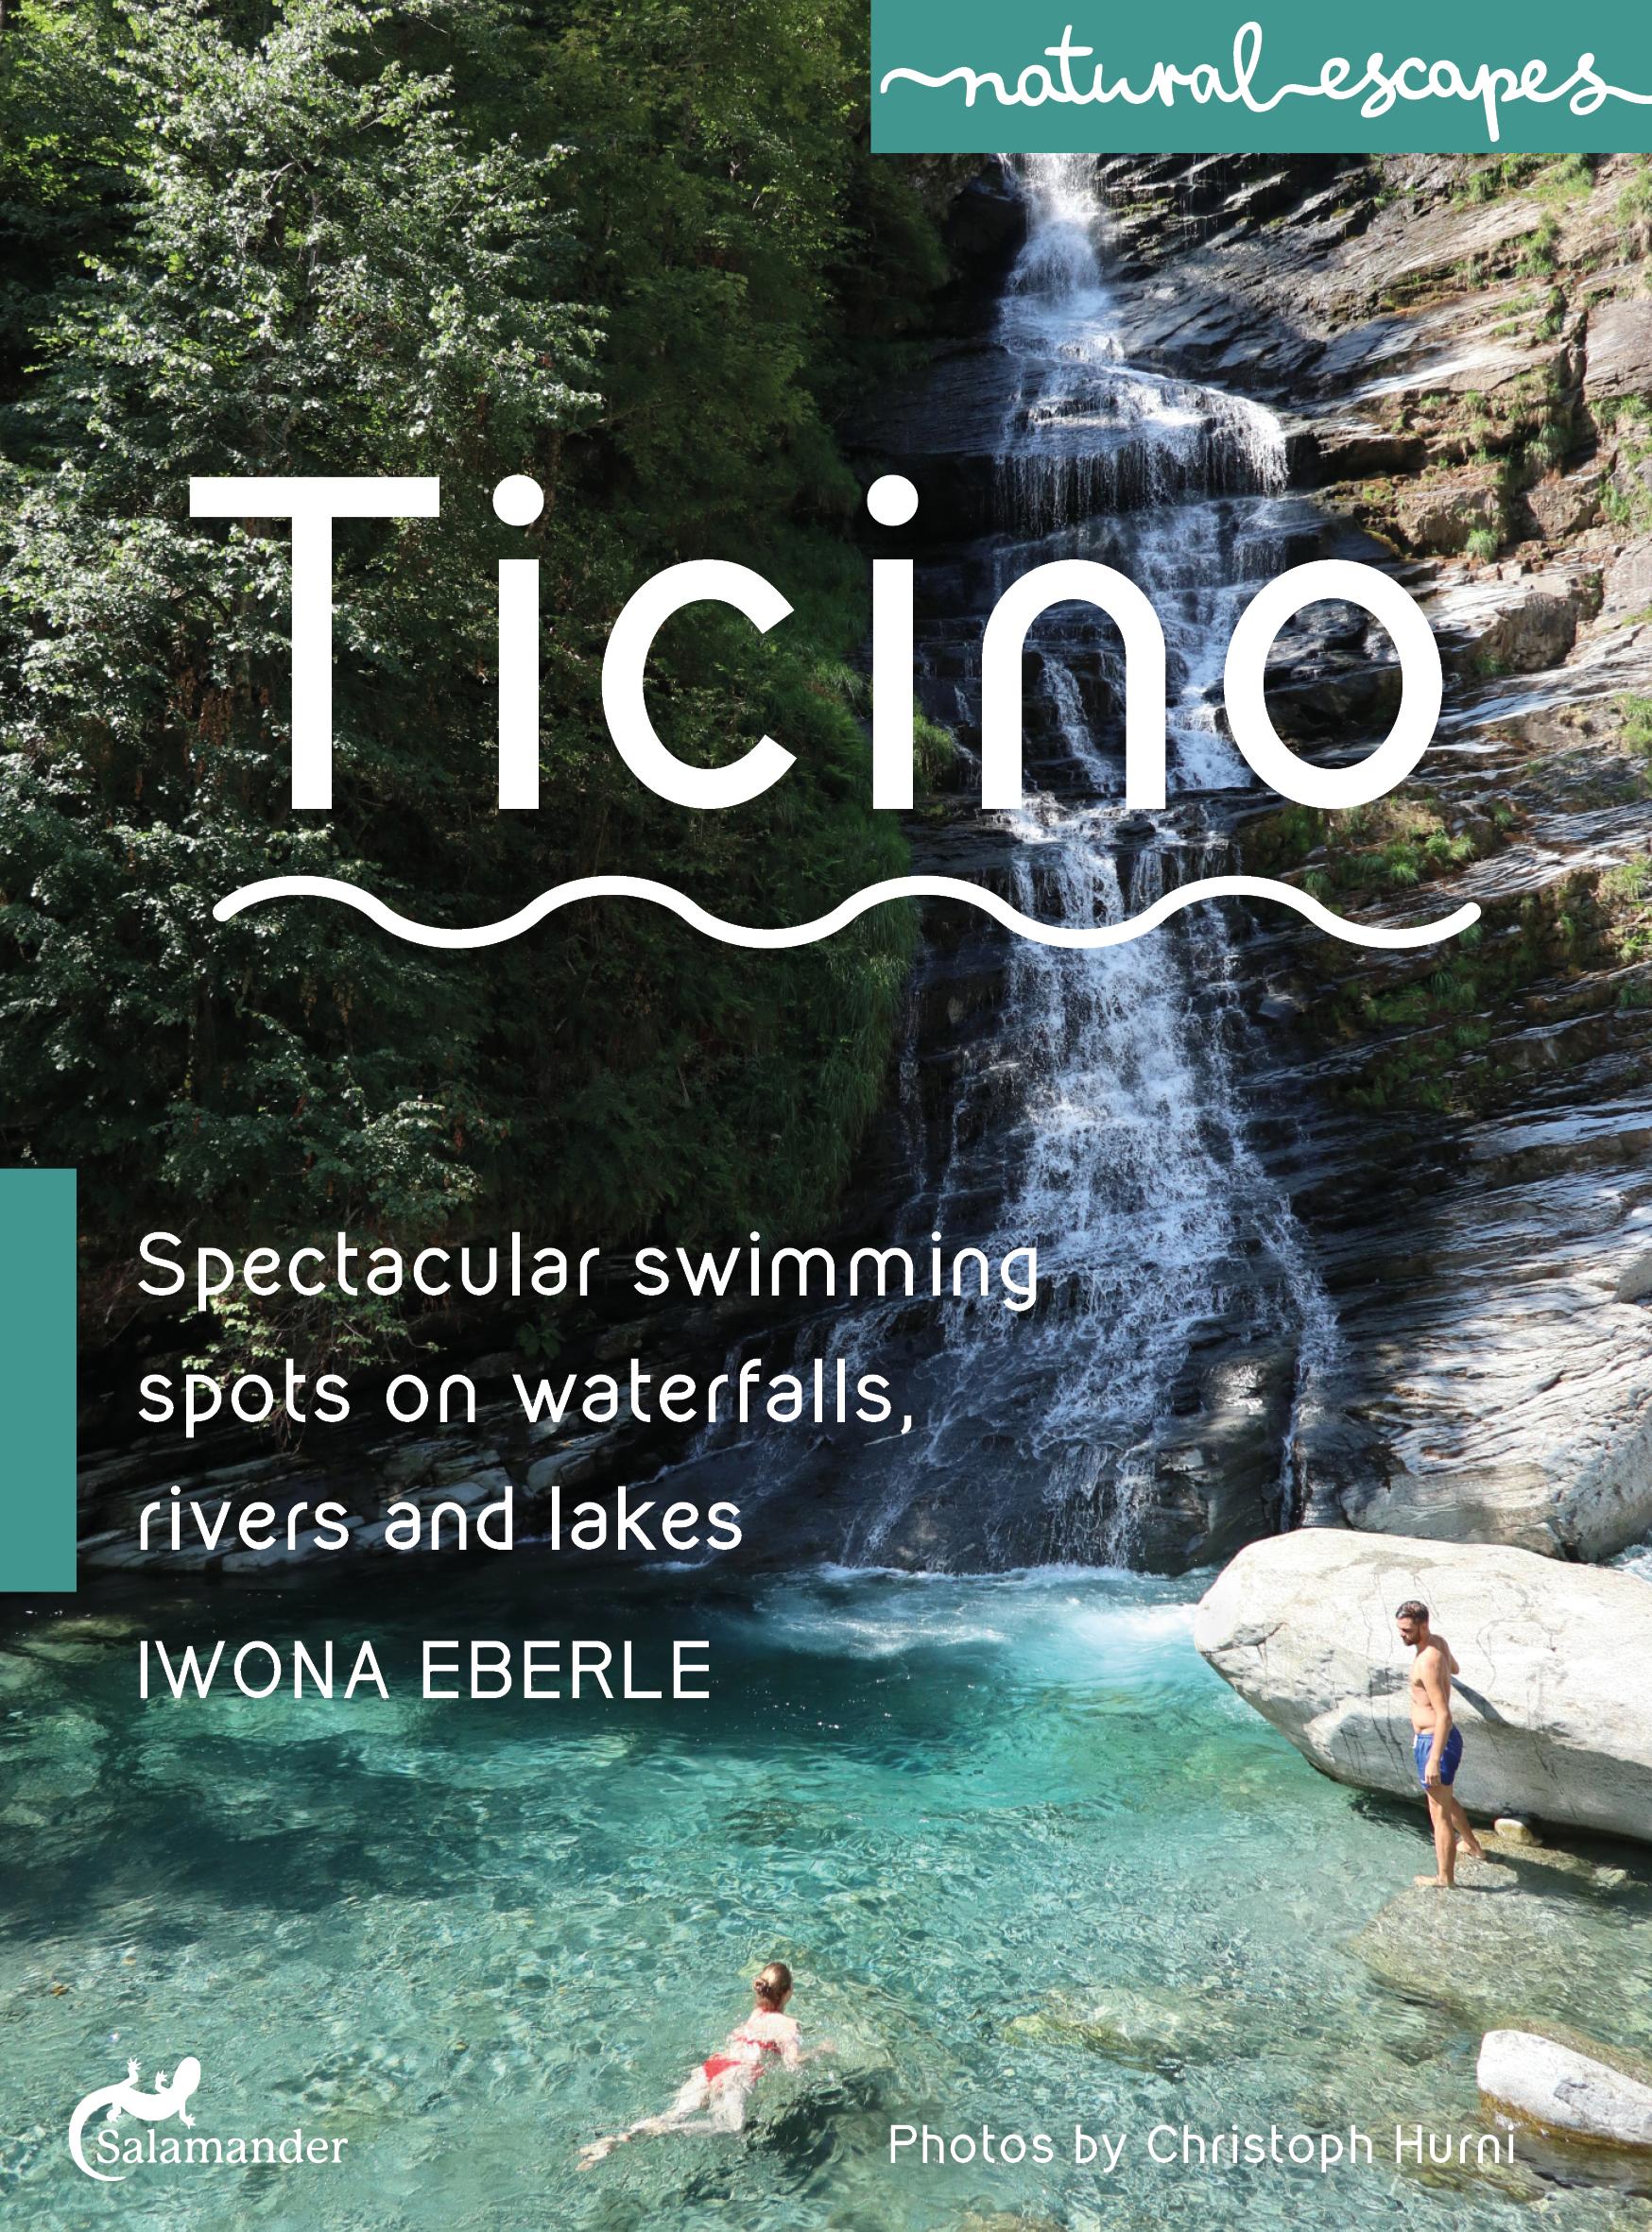 Natural escapes – Ticino